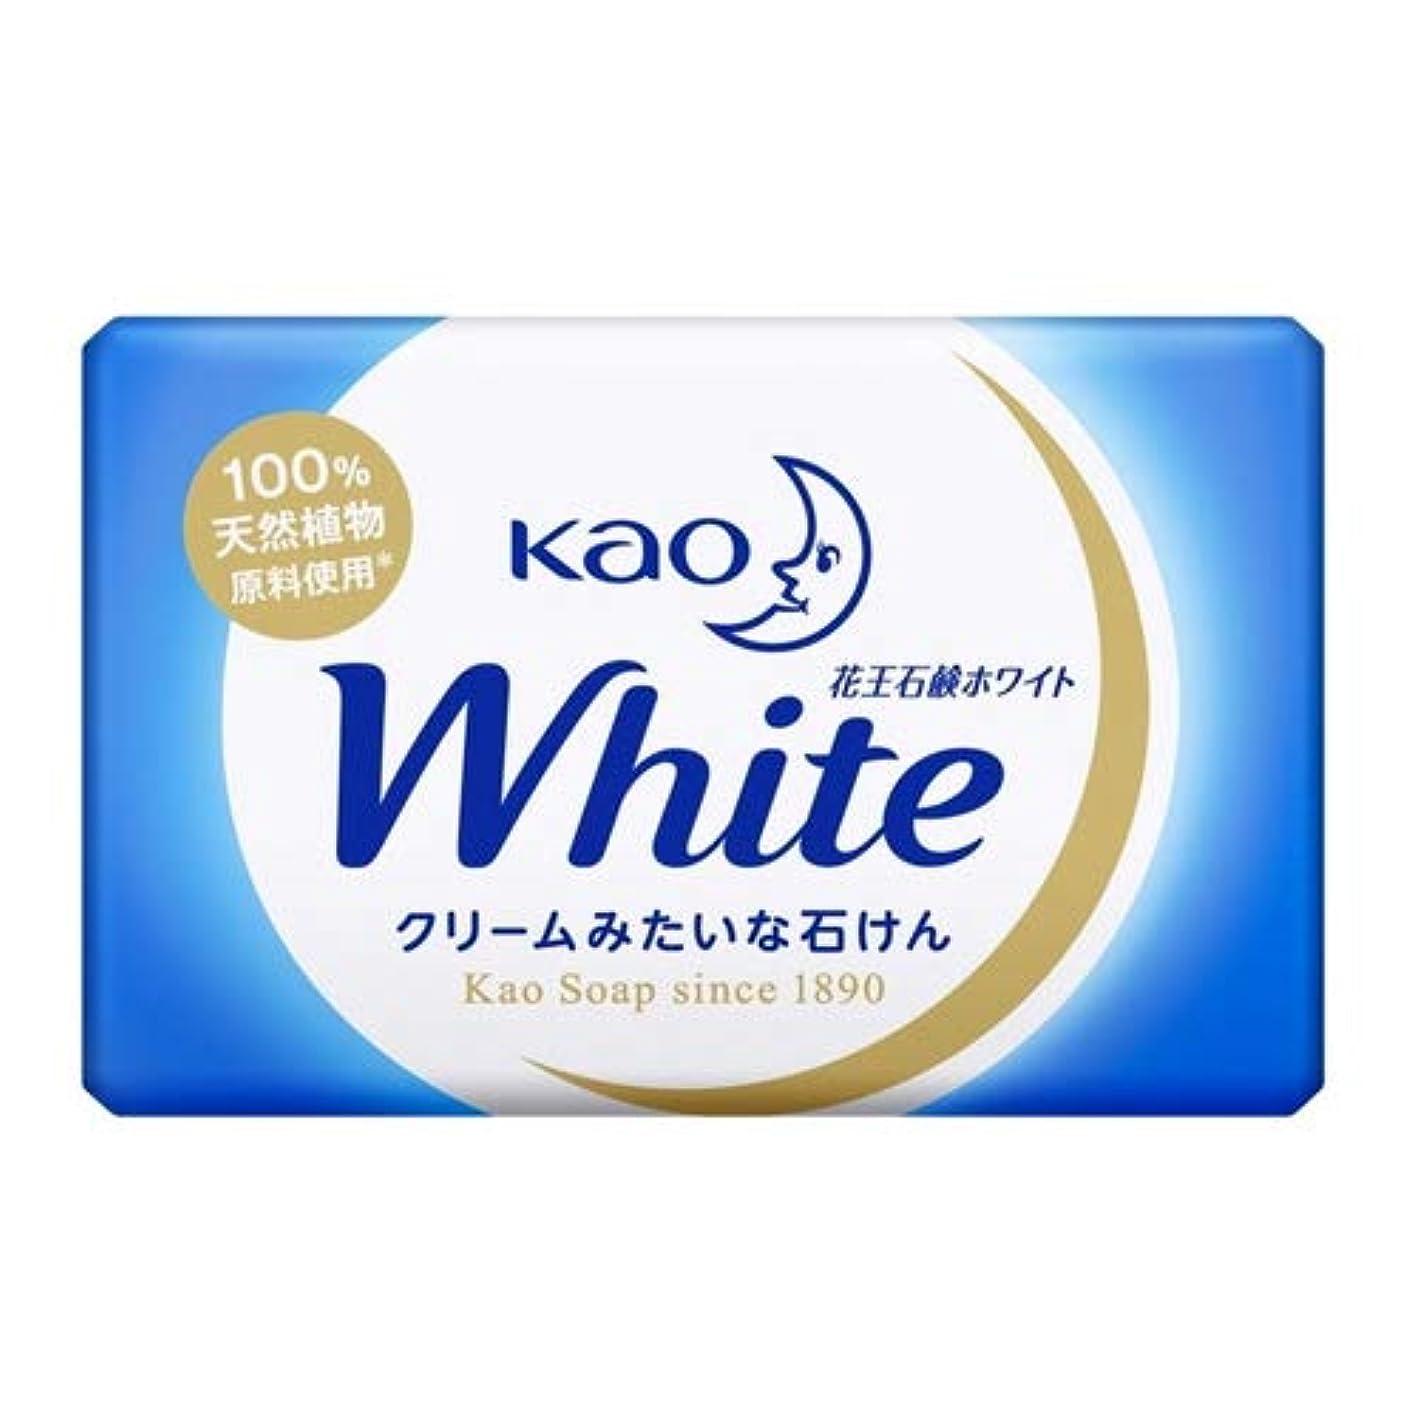 販売計画照らすブラウズ花王石鹸ホワイト 業務用ミニサイズ 15g × 10個セット